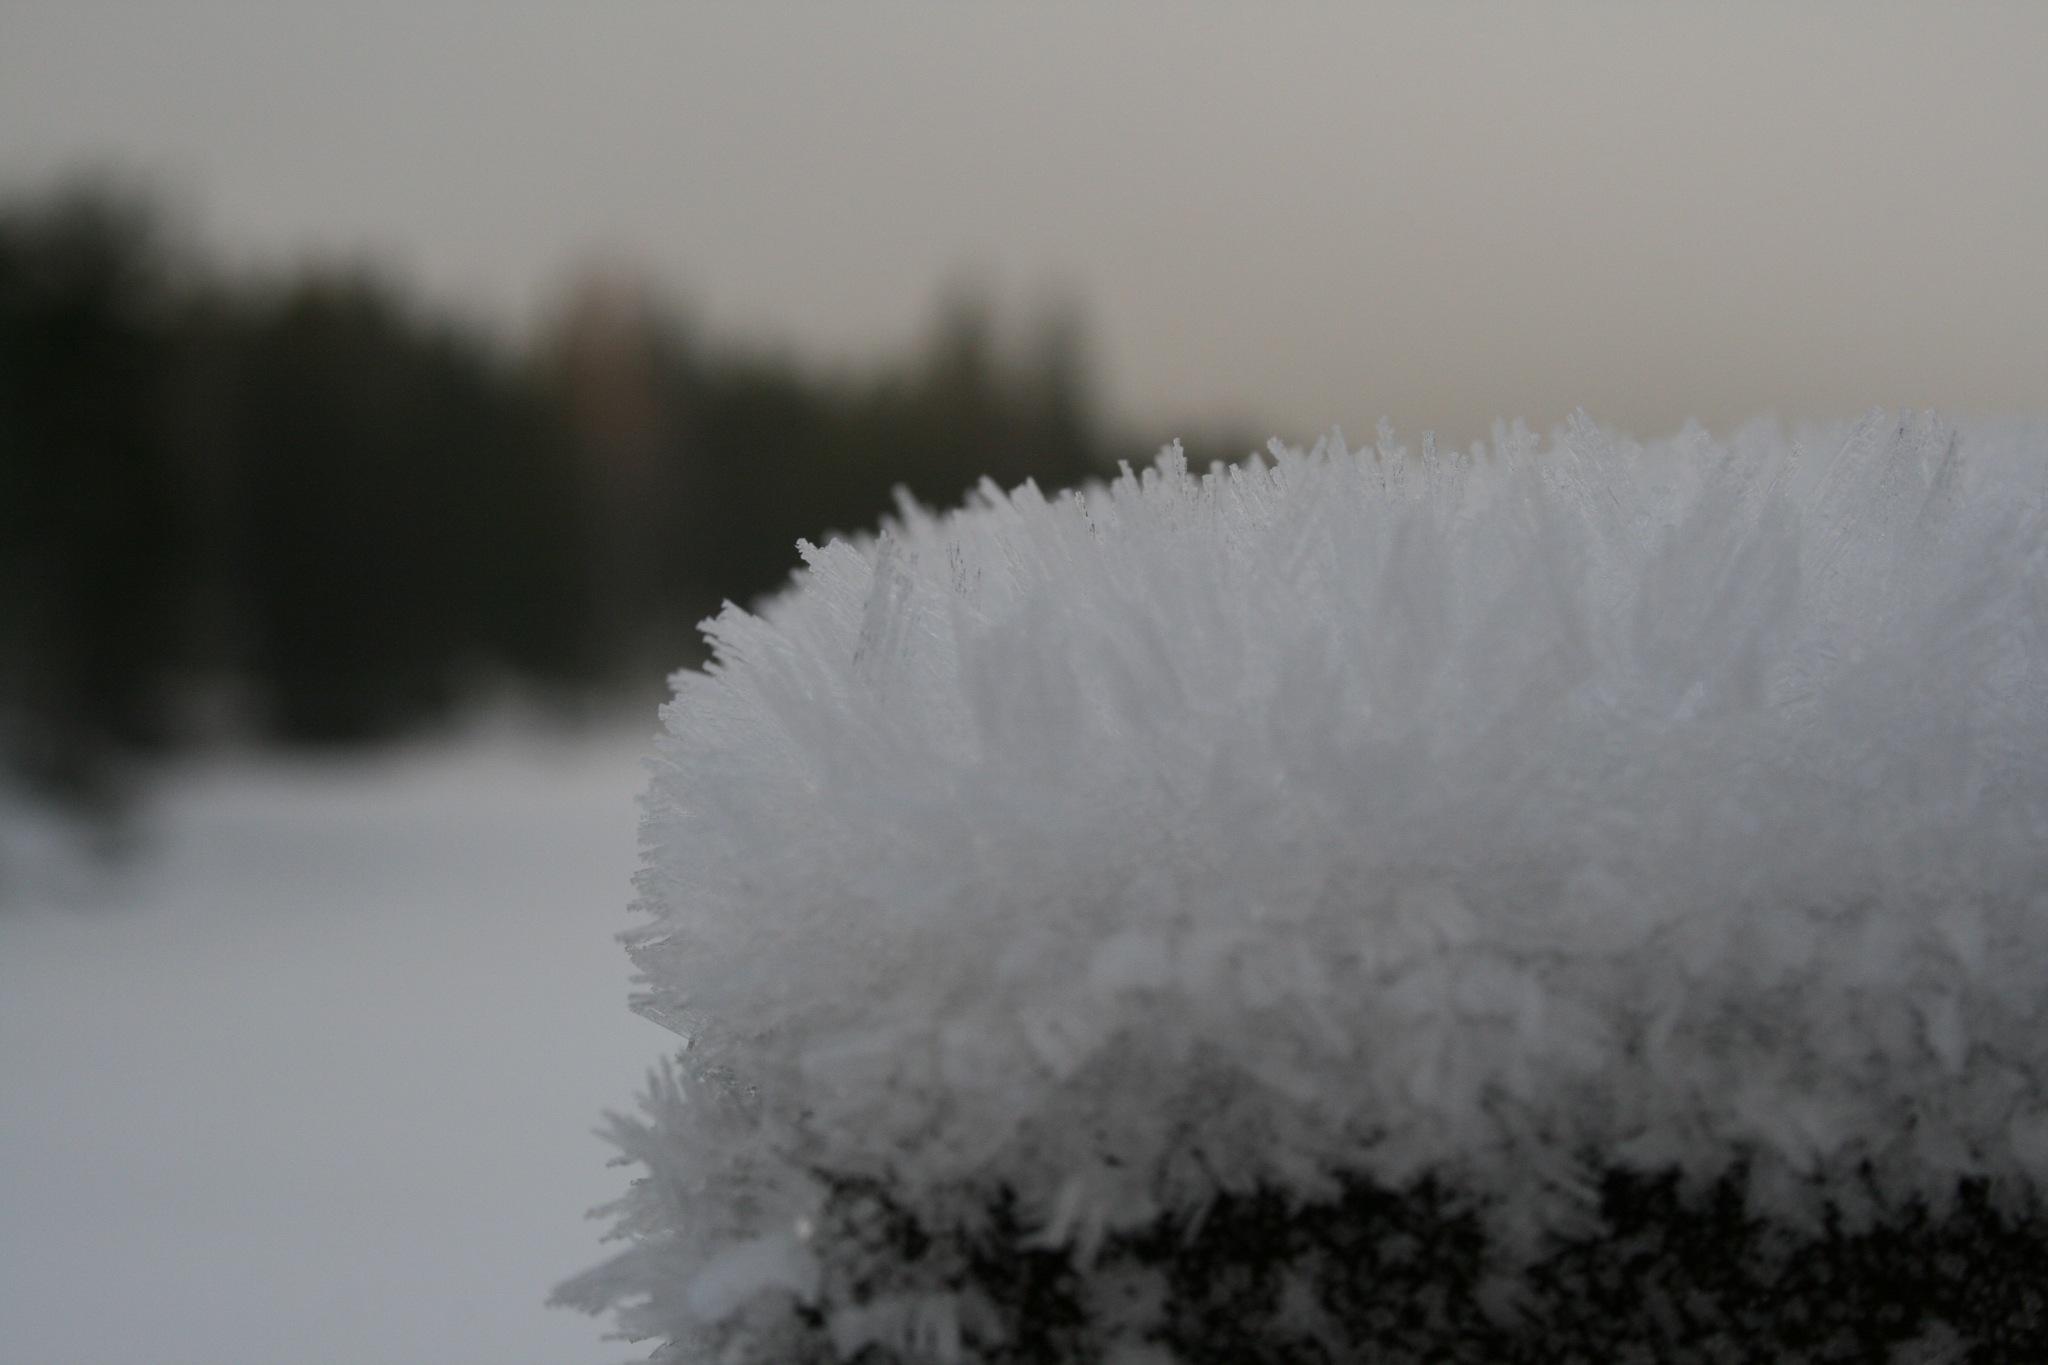 snowcrystal by jonandersen71